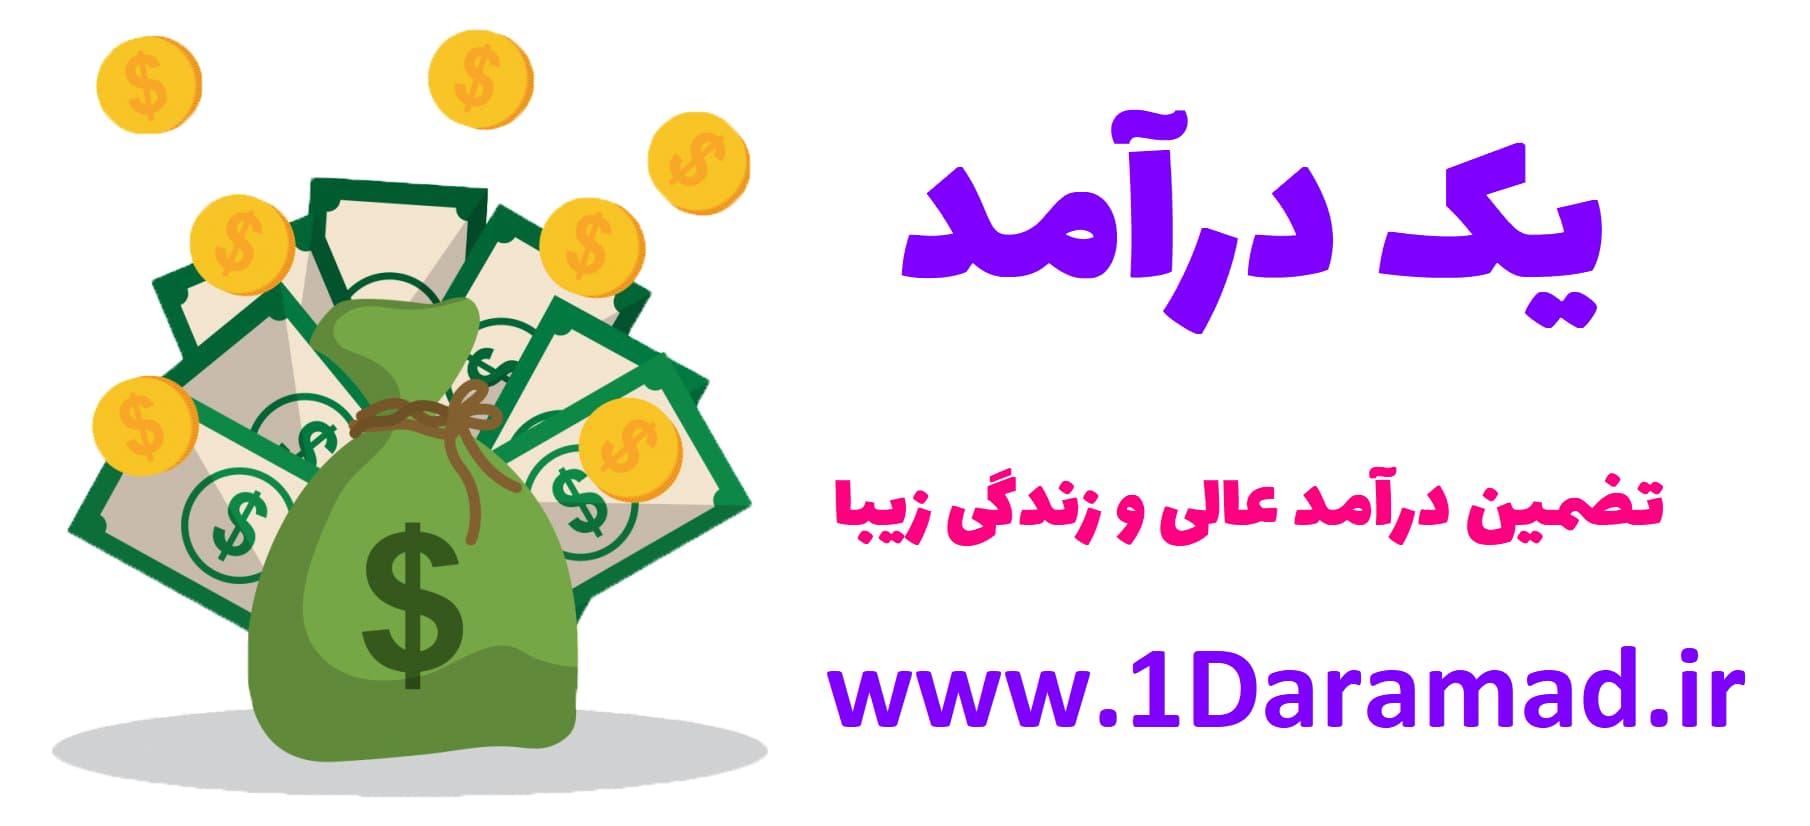 کسب درآمد دلاری روزی 10 آنلاین